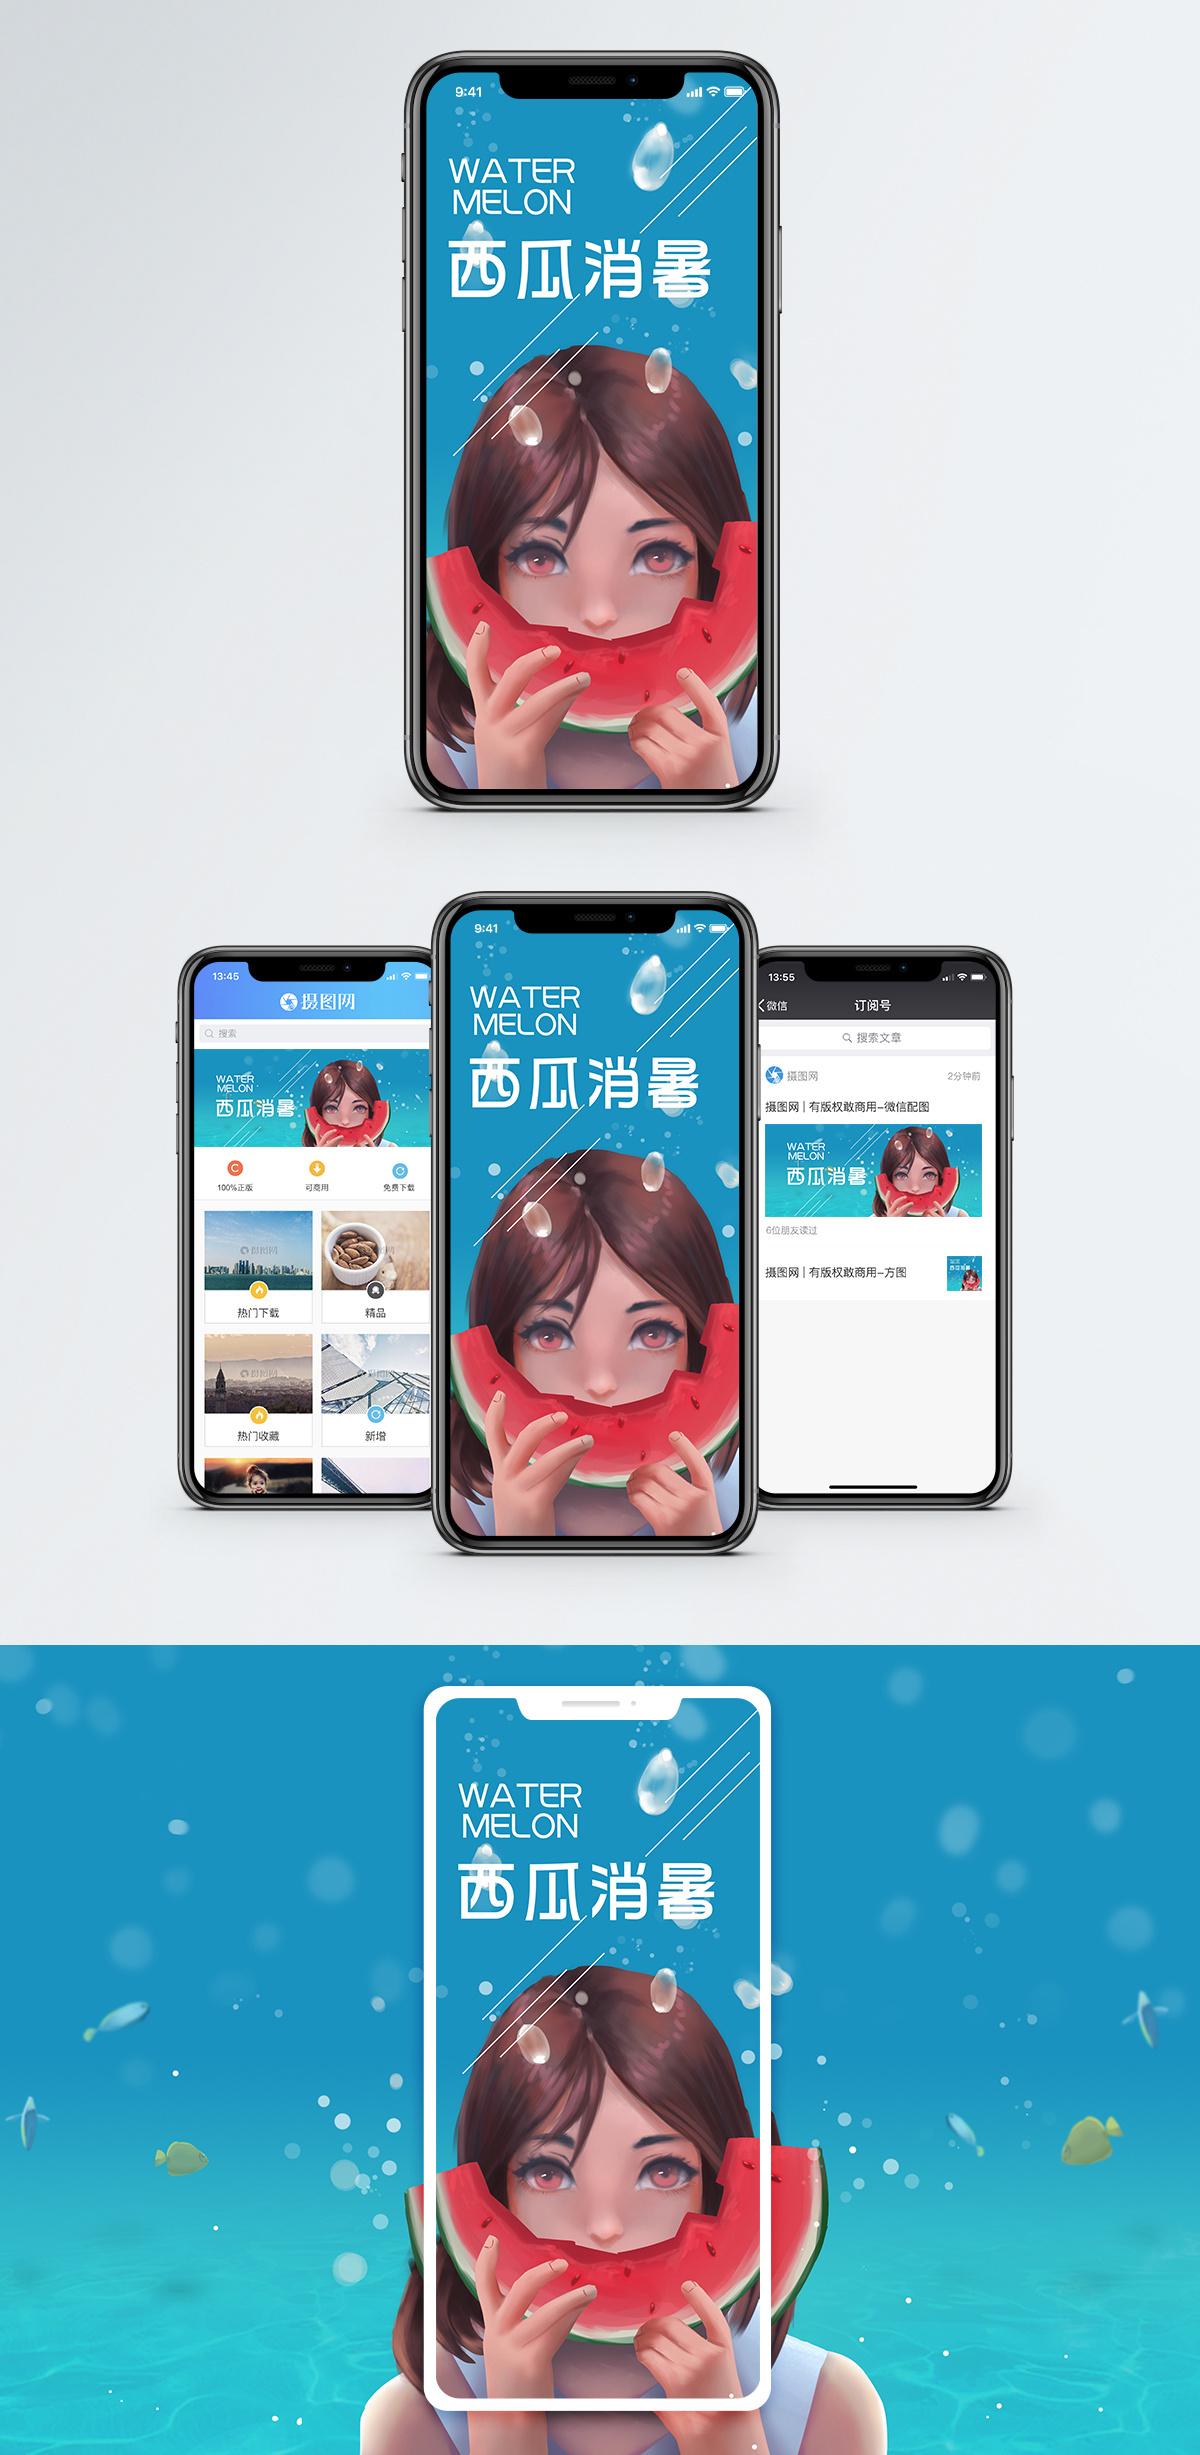 西瓜消暑手机海报配图图片